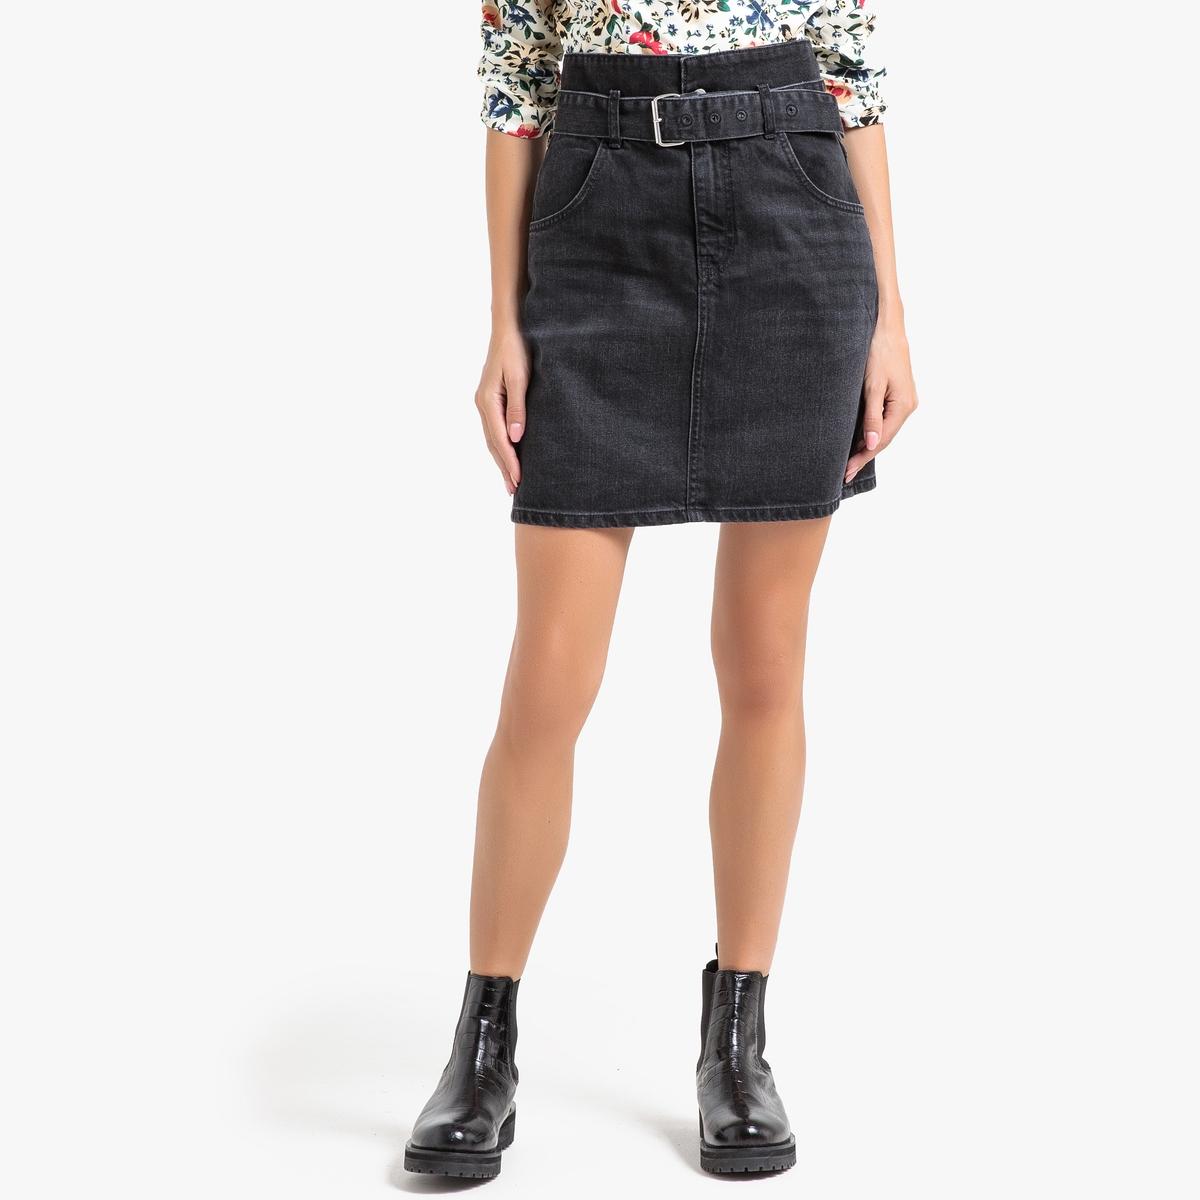 Юбка La Redoute Короткая джинсовая ELLIE 0(XS) черный юбка la redoute короткая с завышенной талией и цветочным рисунком xs зеленый